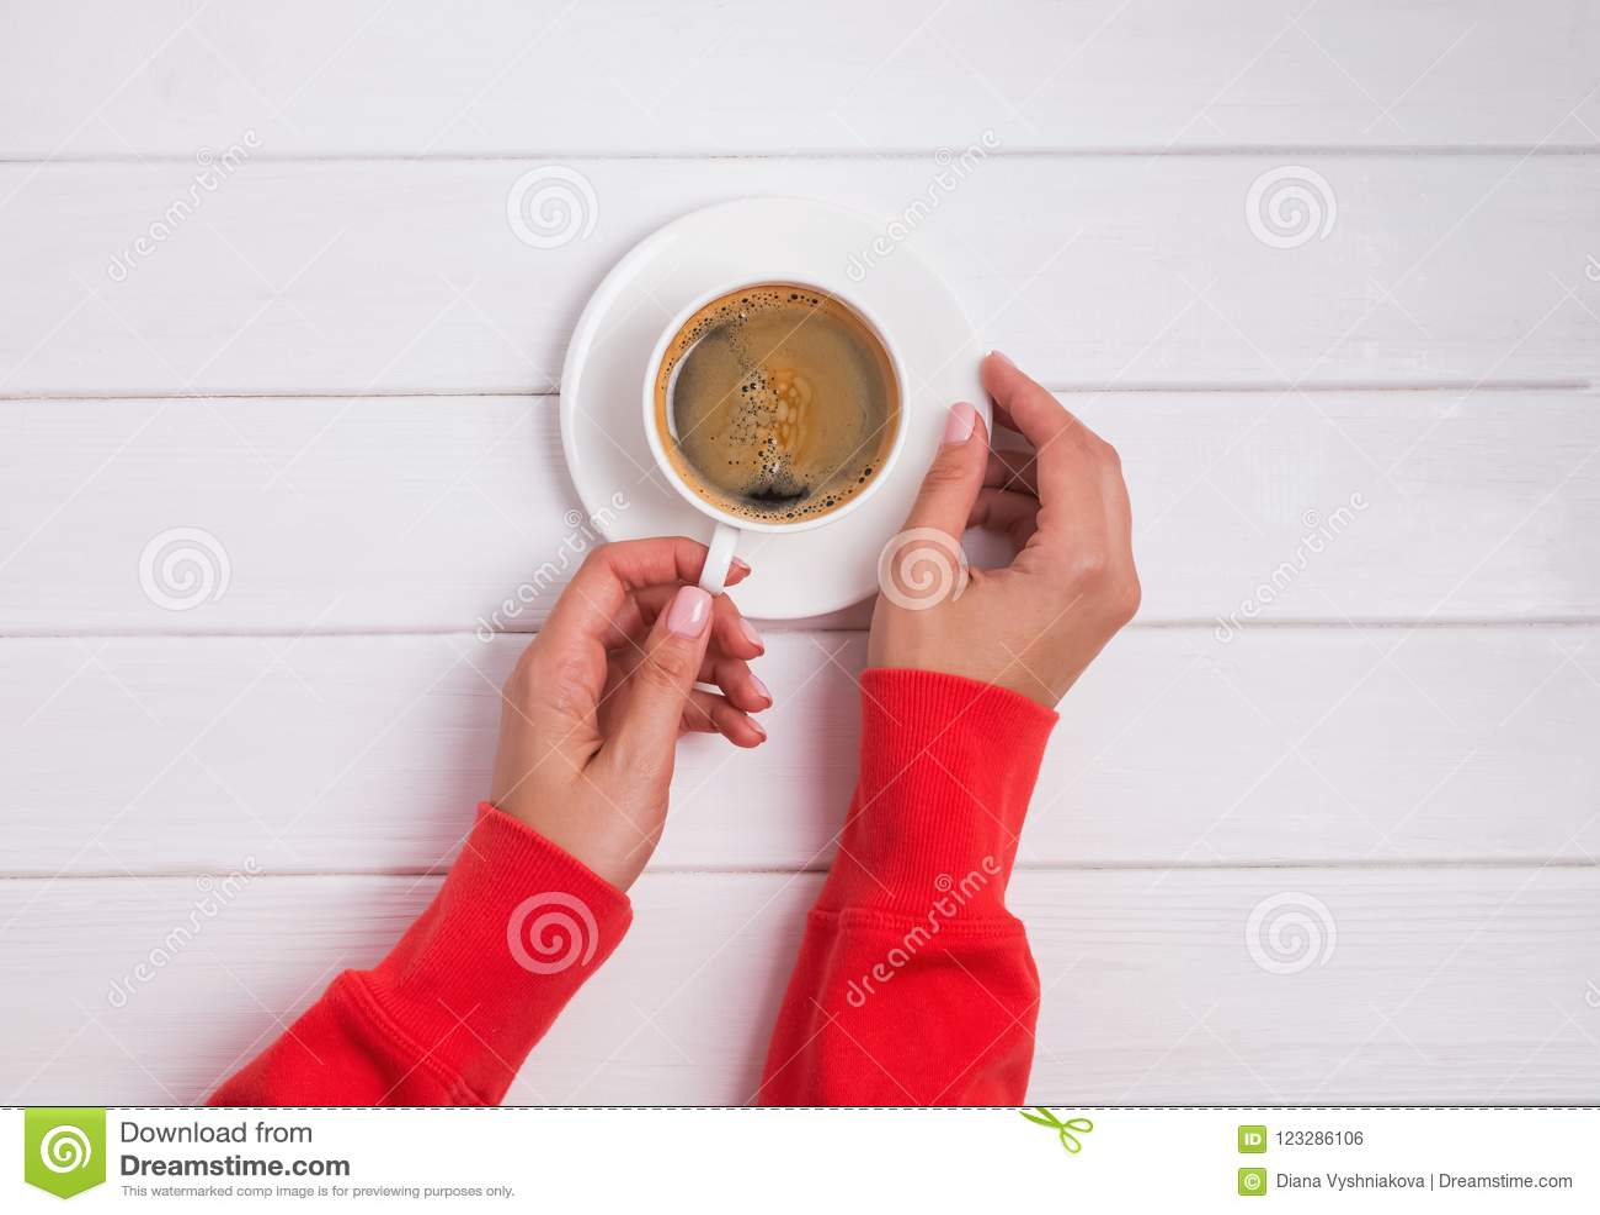 妇女在拿着一杯咖啡在白色木桌上的红色衣物的` s手